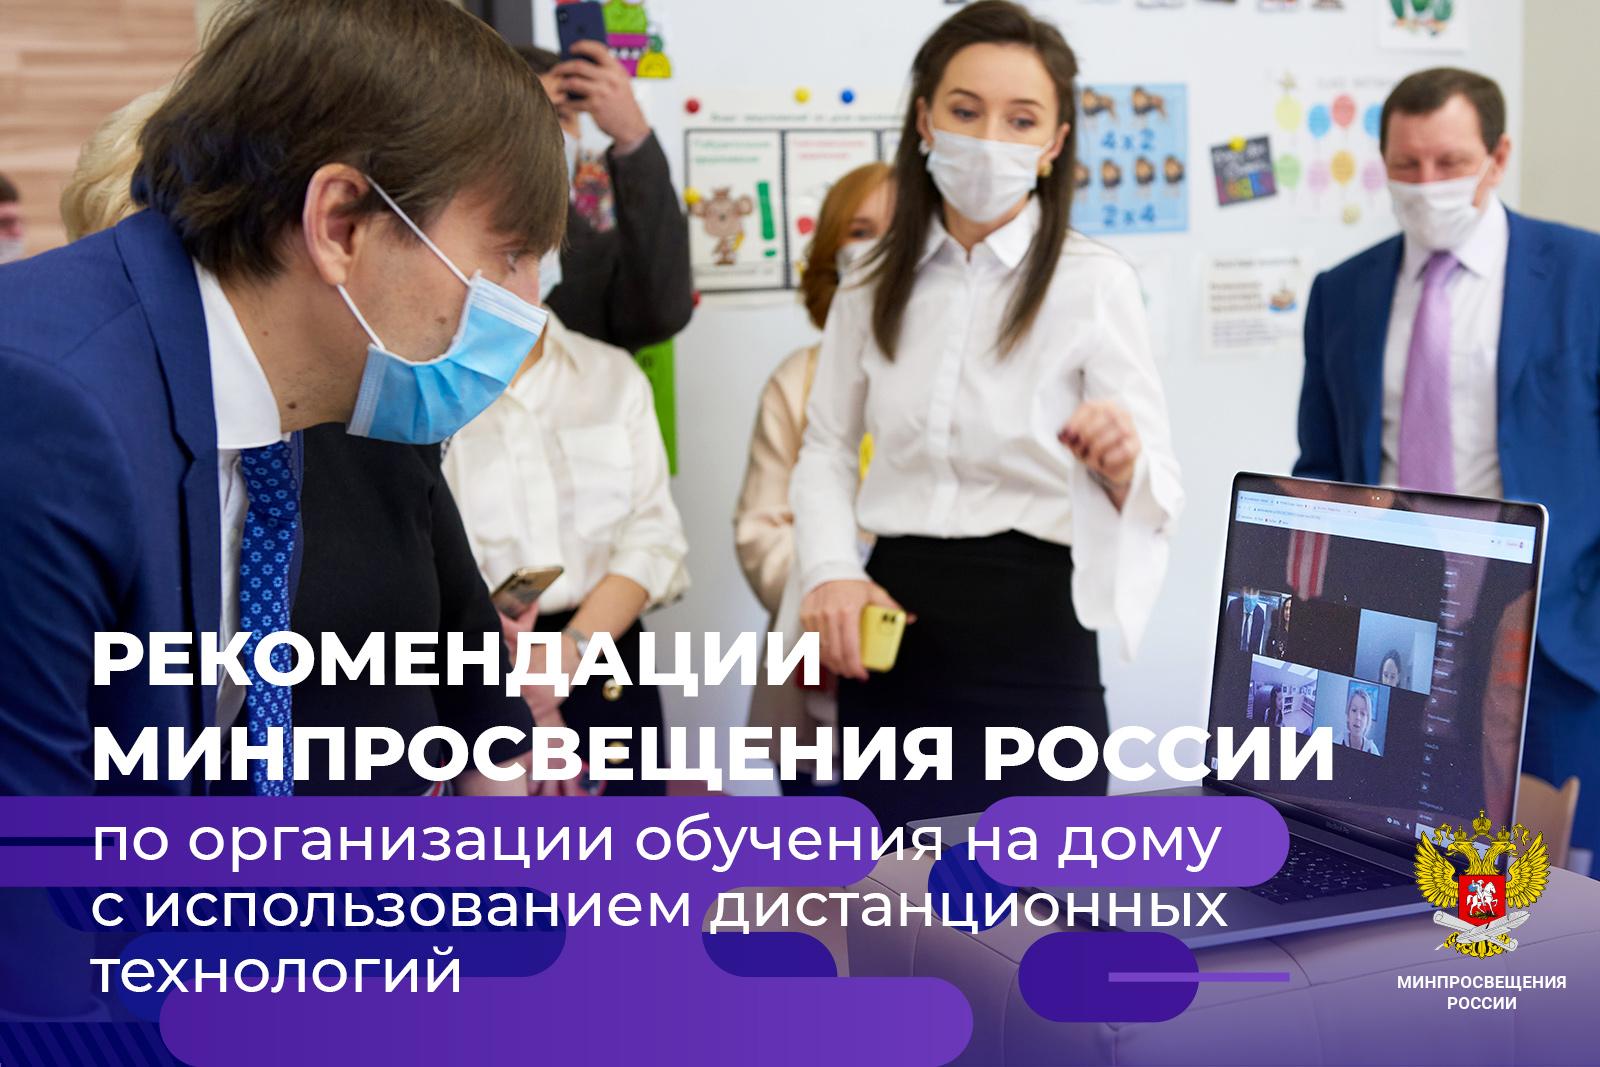 Минпросвещения России запускает в социальной сети ВКонтакте онлайн-марафон «Домашний час»